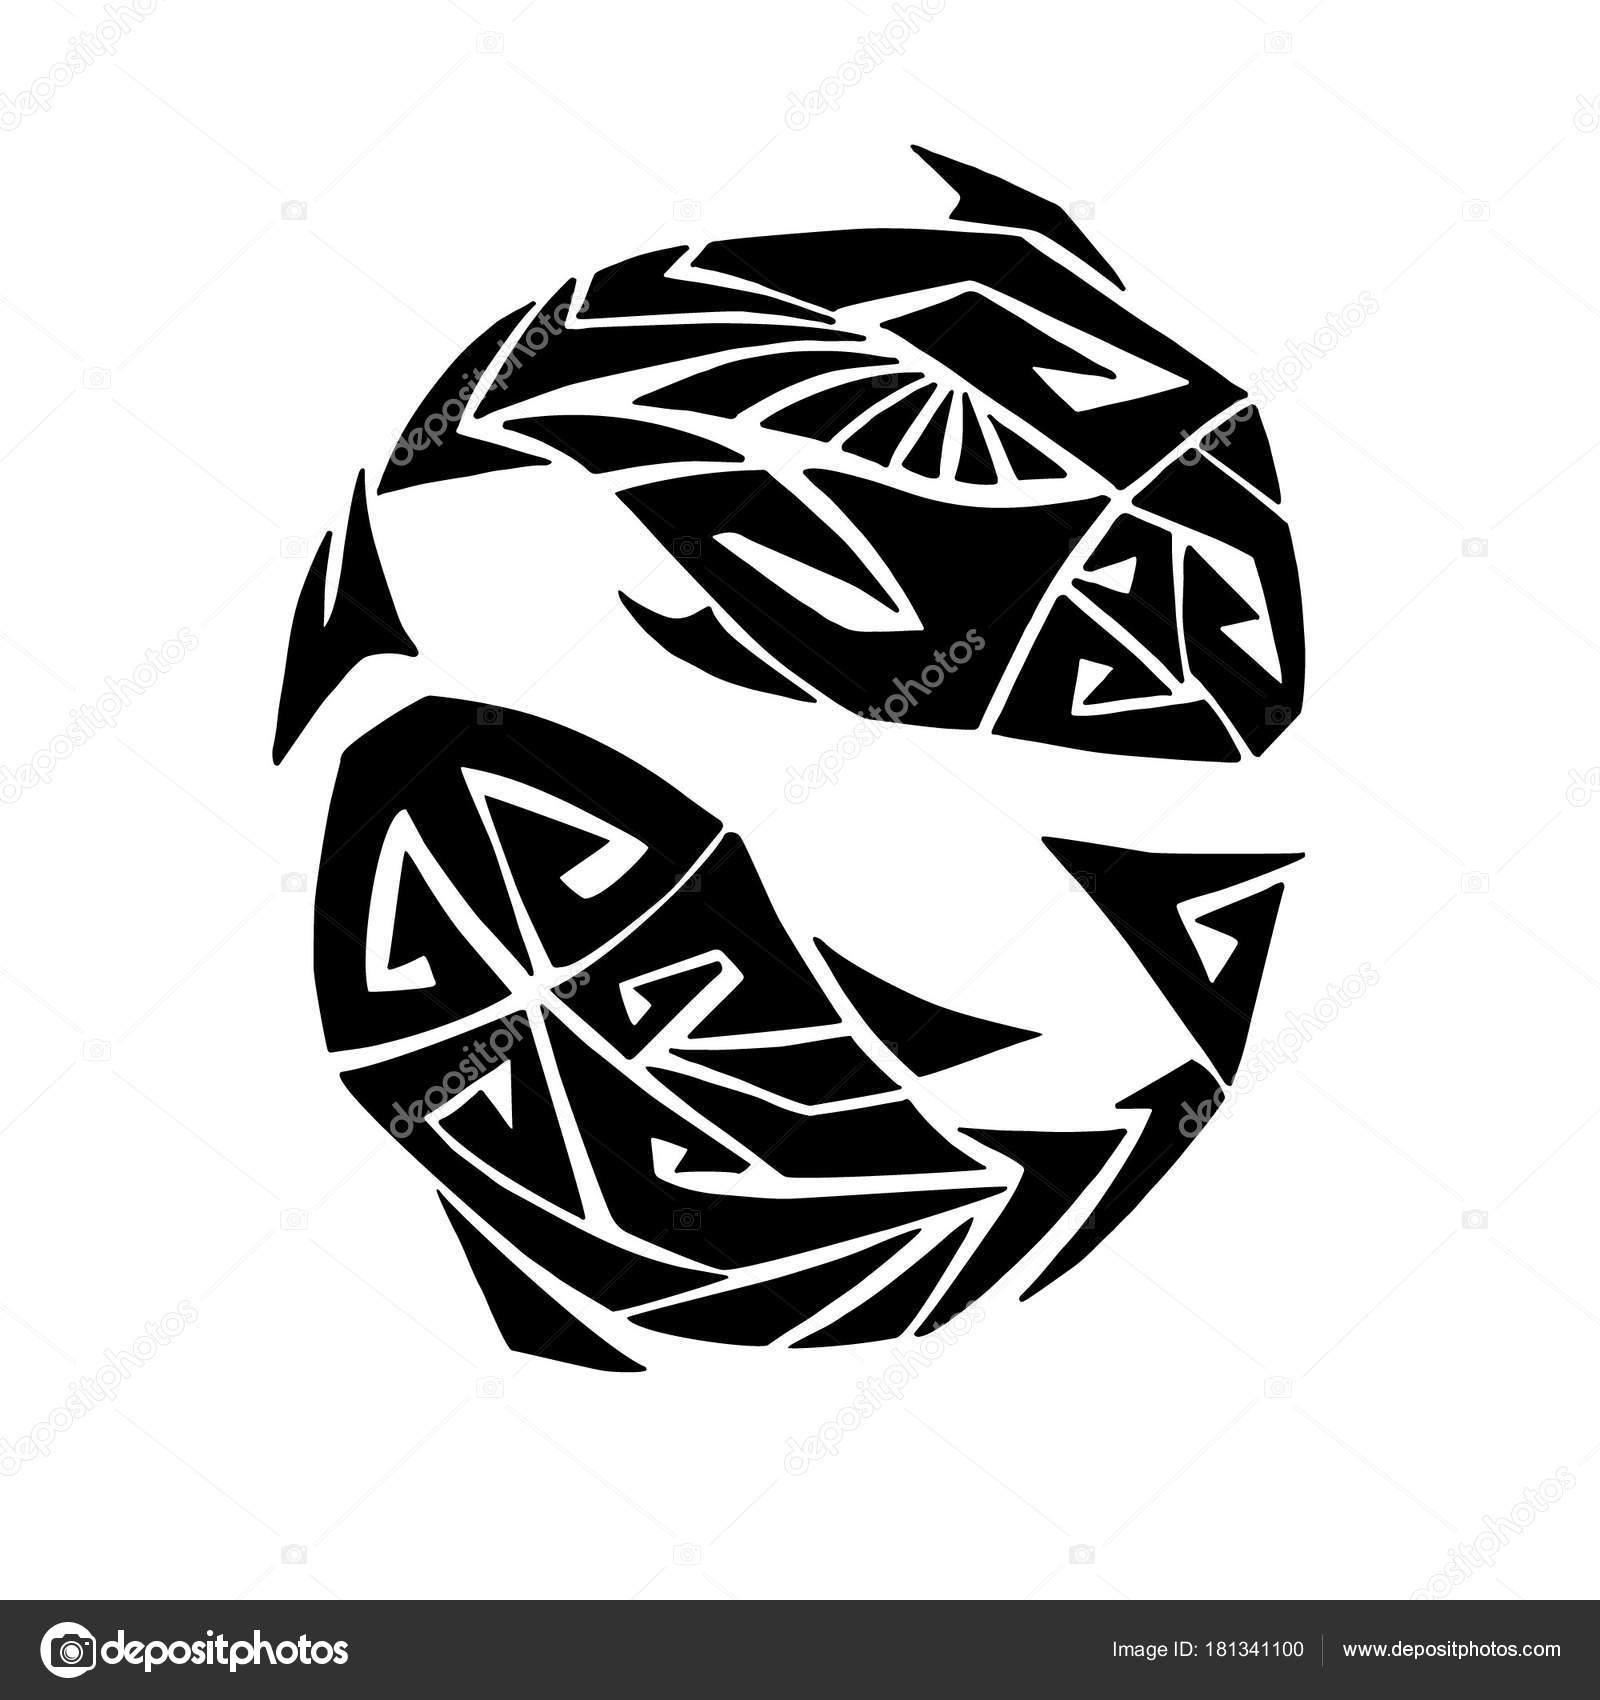 Stylizowane Znak Zodiaku Ryby Stylu Maori Tatuaż Ilustracji